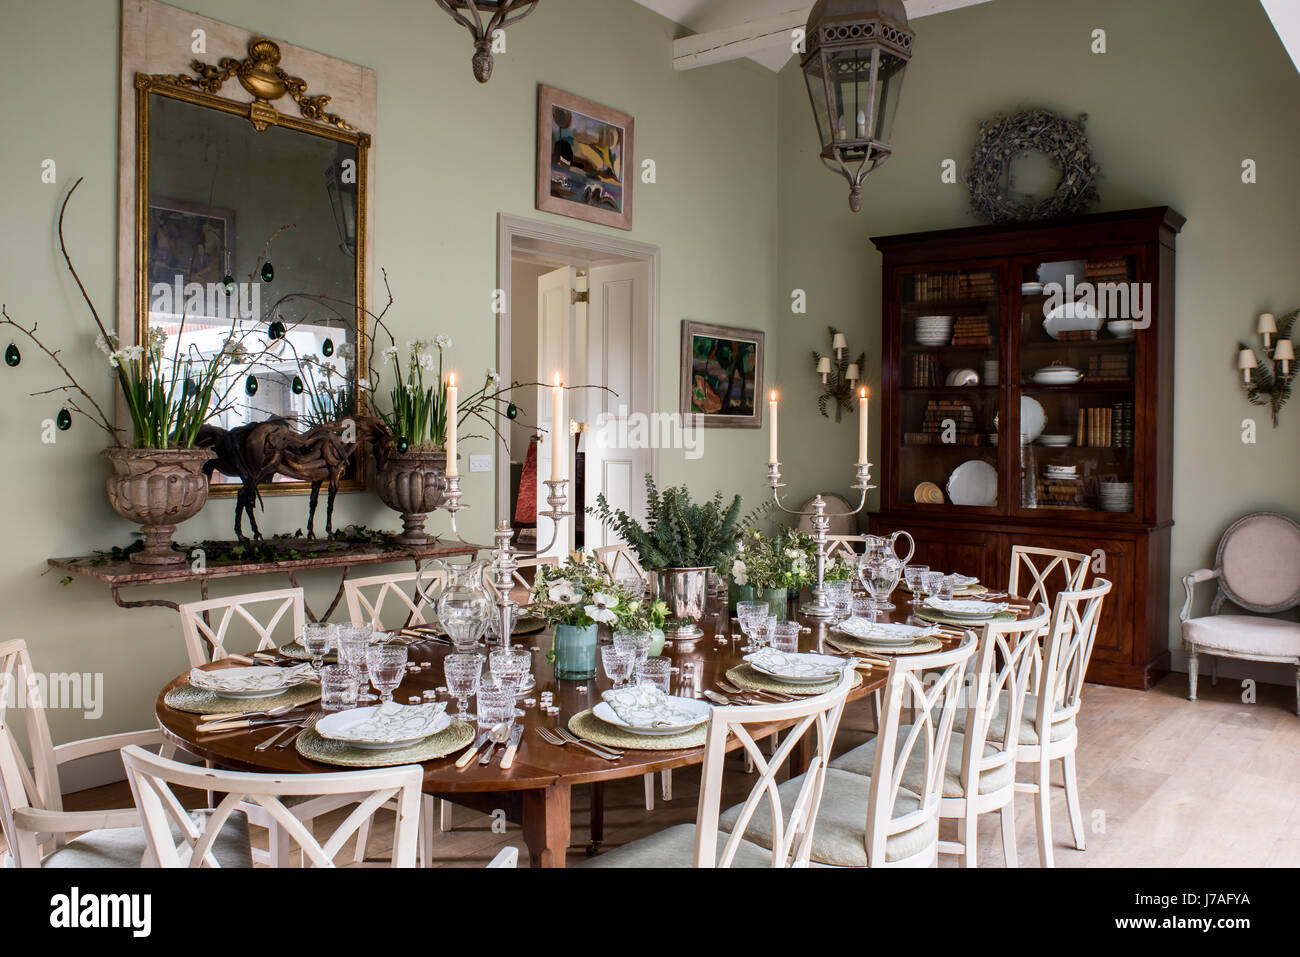 Salle à manger spacieuse. La dix-huitième-siècle acajou table est dressée avec des cristaux et des blocs, des serviettes en lin imprimé. Les chaises sont des anciens de la France un Banque D'Images